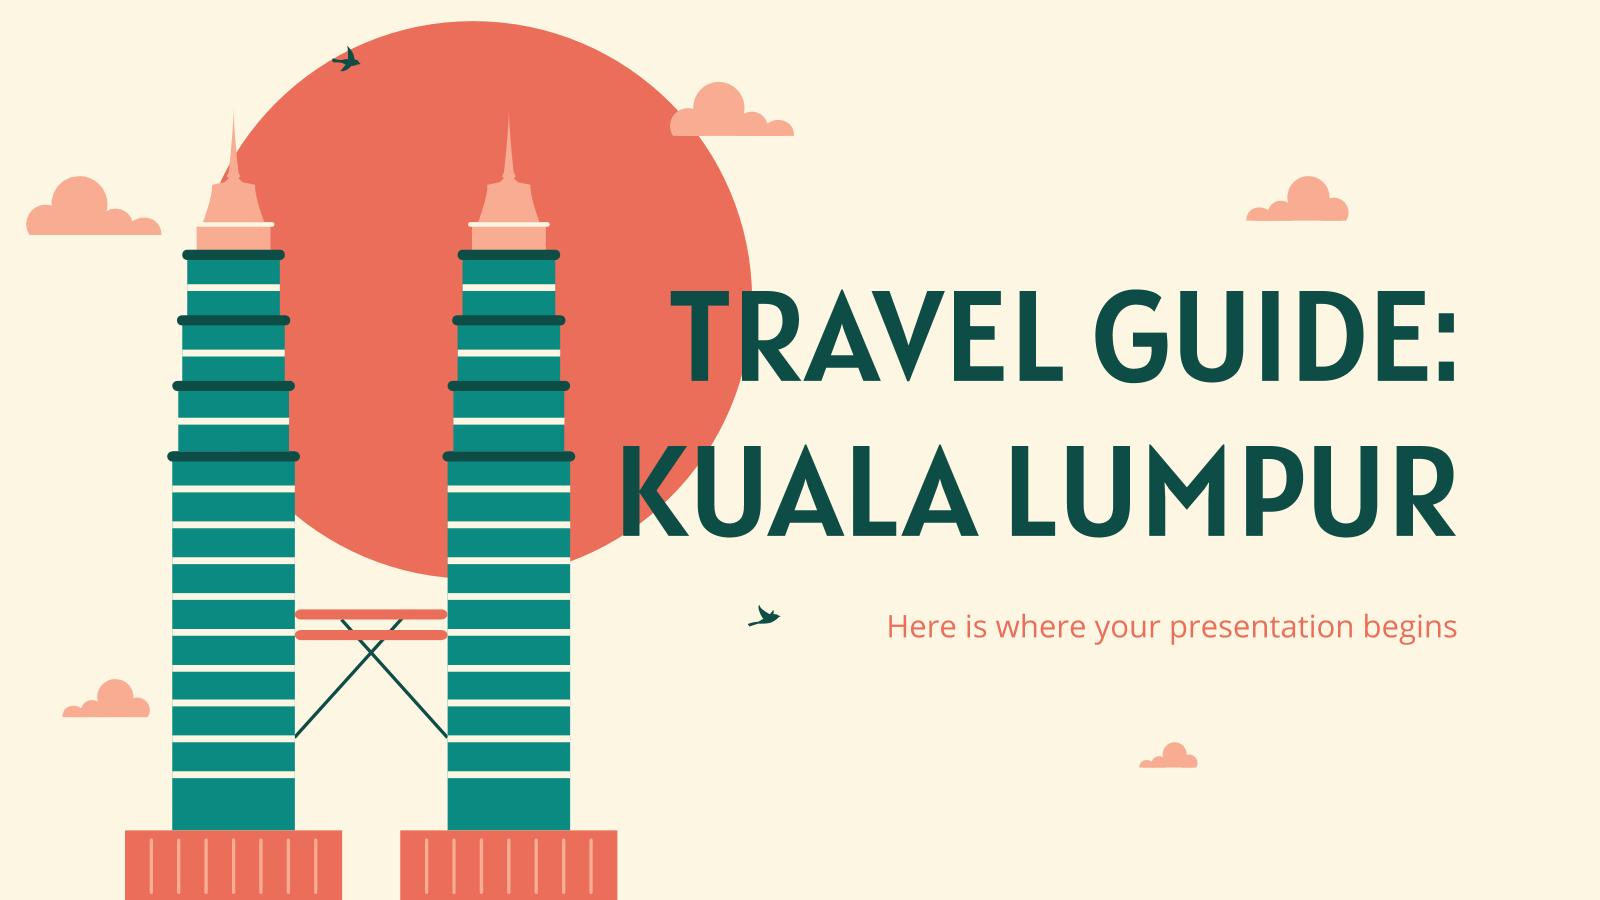 Plantilla de presentación Guía turística: Kuala Lumpur